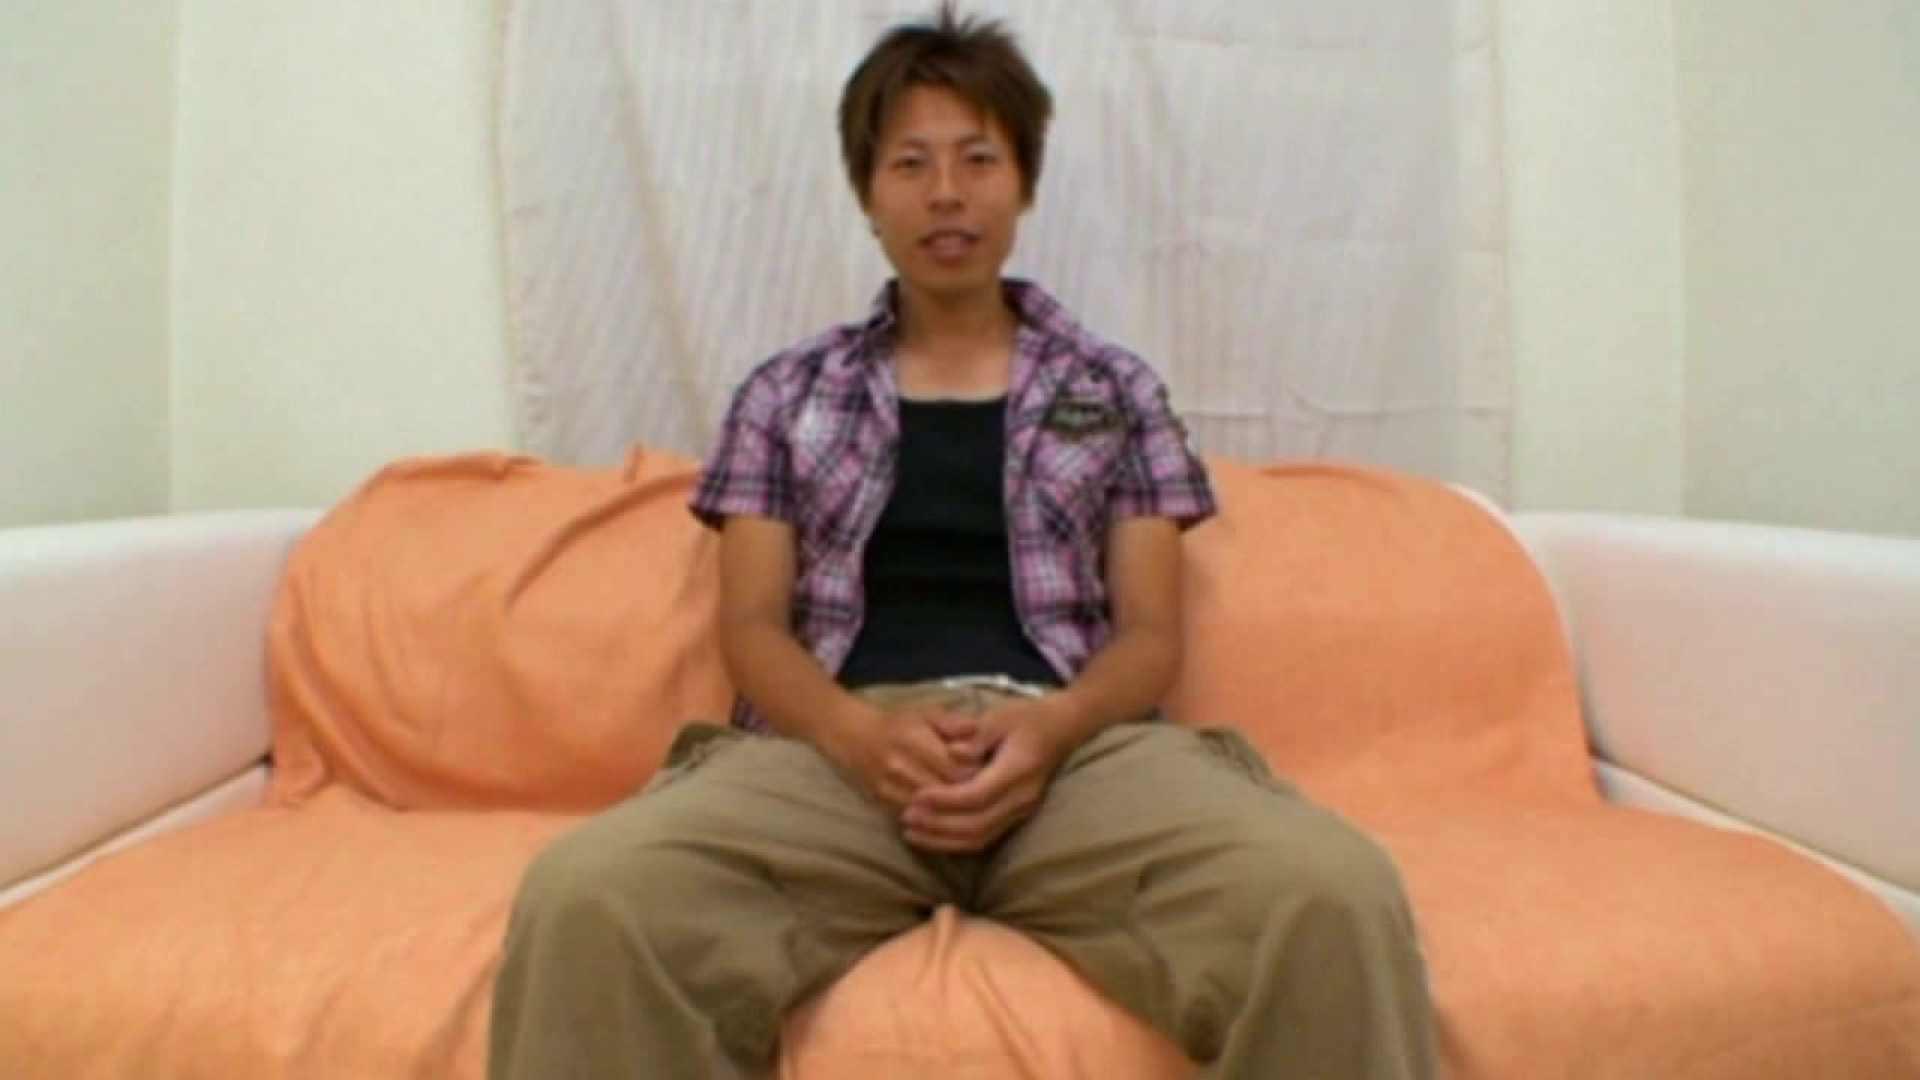 ノンケ!自慰スタジオ No.10 オナニー アダルトビデオ画像キャプチャ 113枚 2